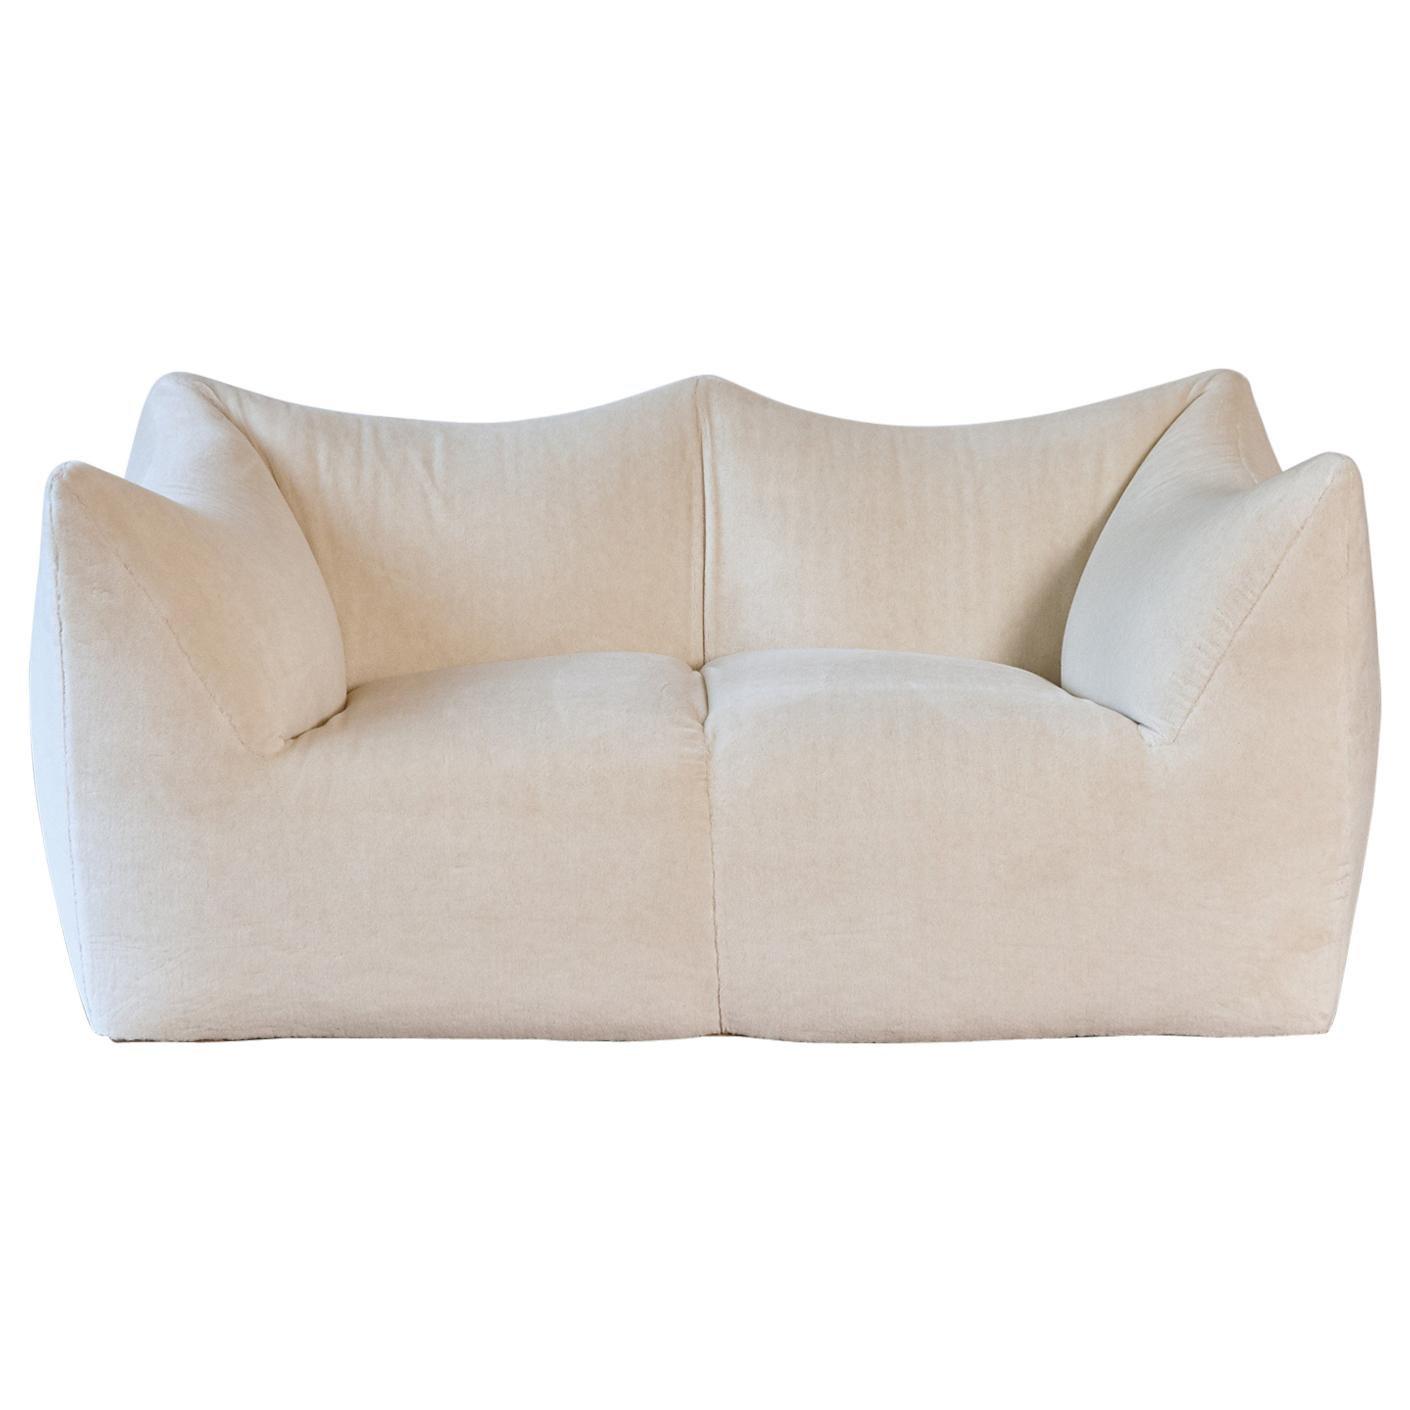 Mario Bellini Le Bambole Sofa, Upholstered in Alpaca, B&B Italia, 1970s